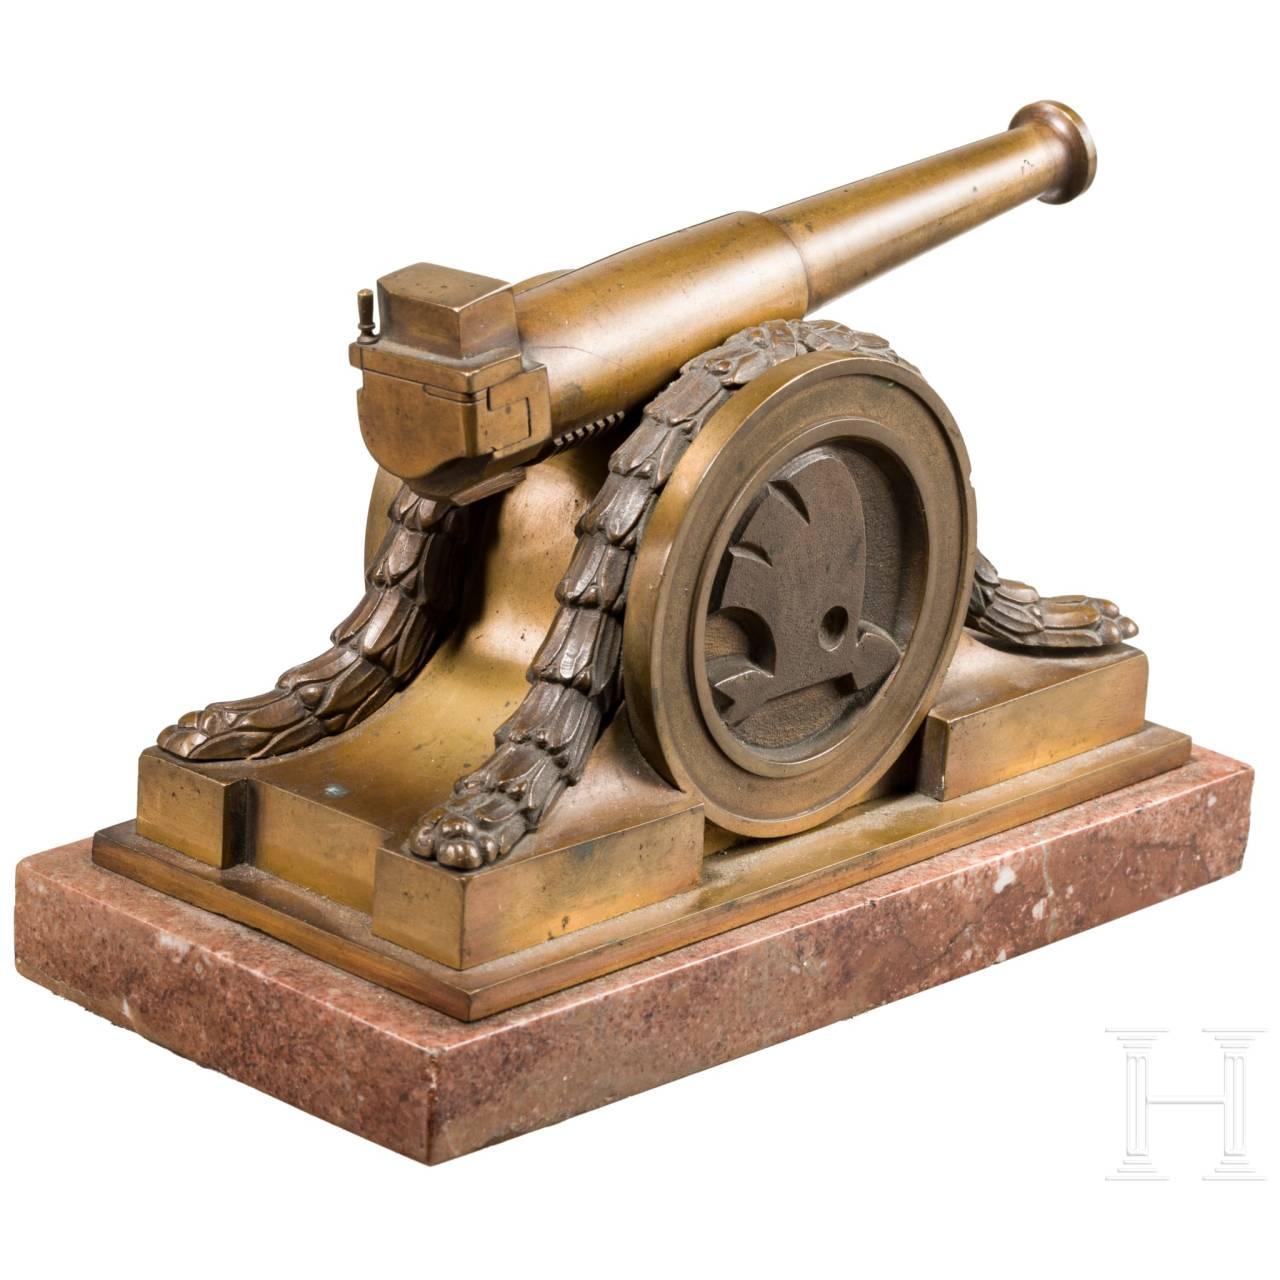 Skoda-Geschützmodell, circa 1920